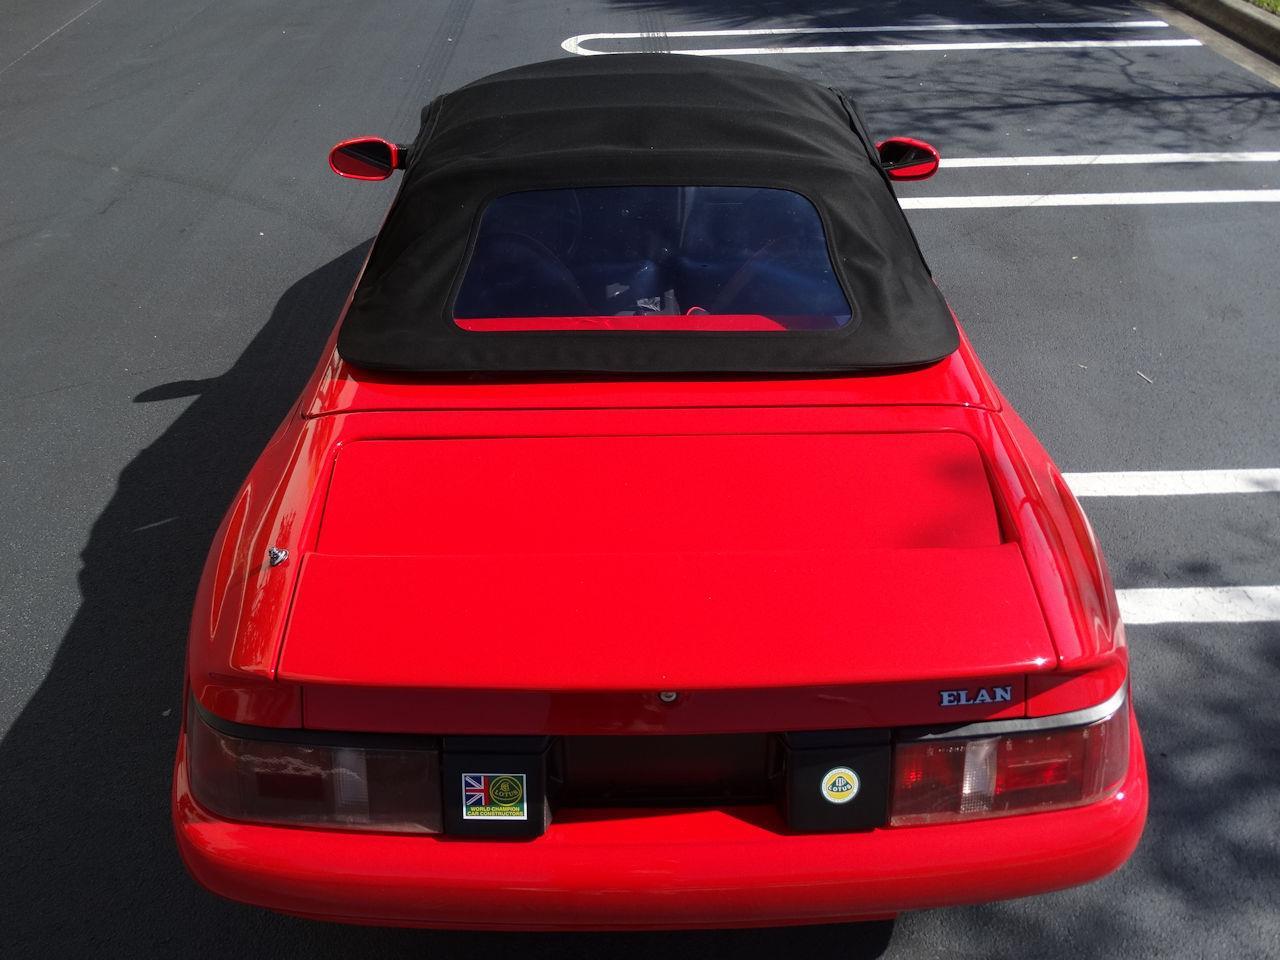 Large Picture of '91 Elan - MO44